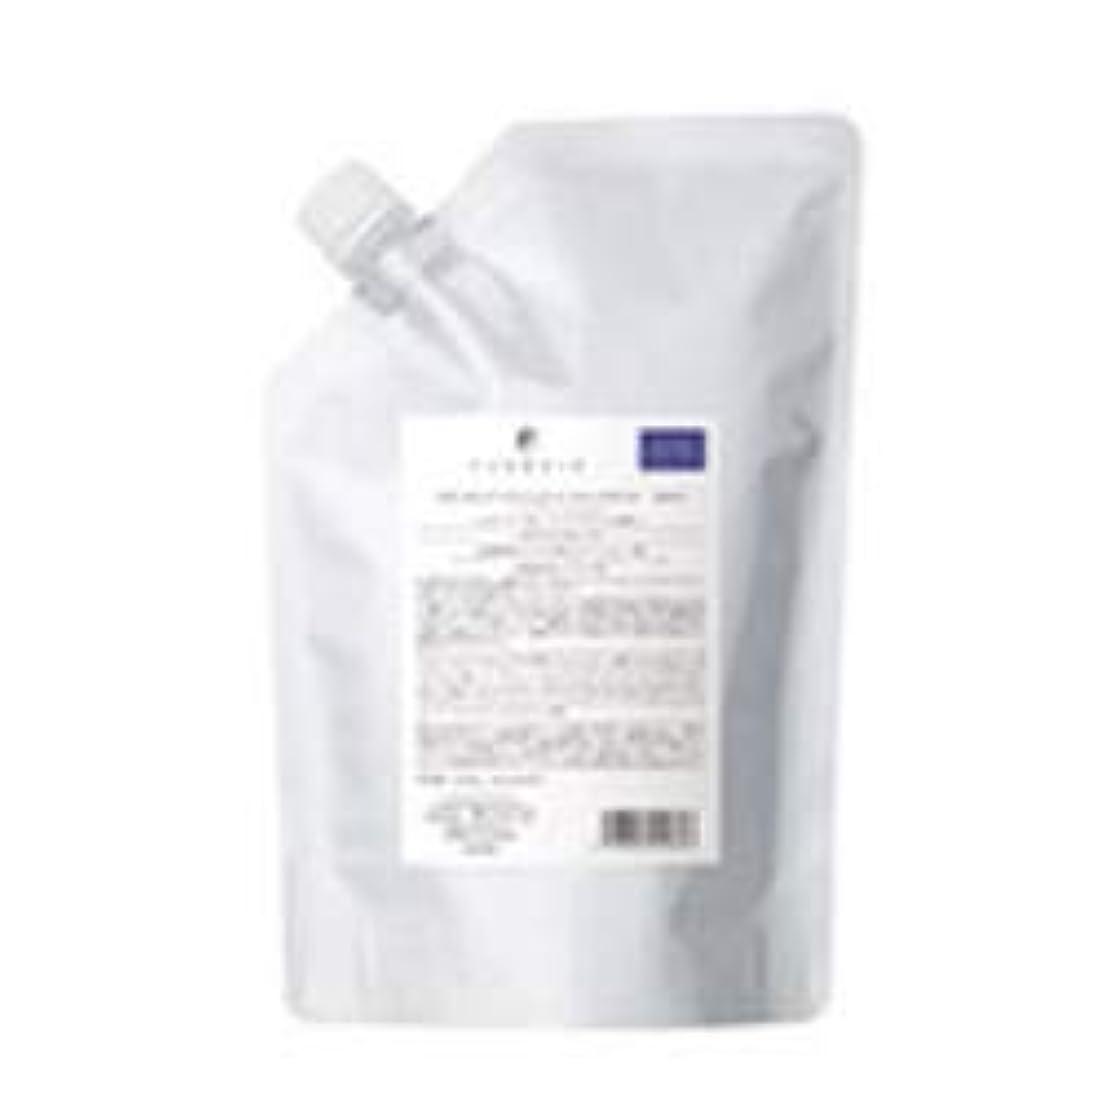 バター繁殖静脈フローディア トリートメント スリークライト<つめかえ用>(1000g)